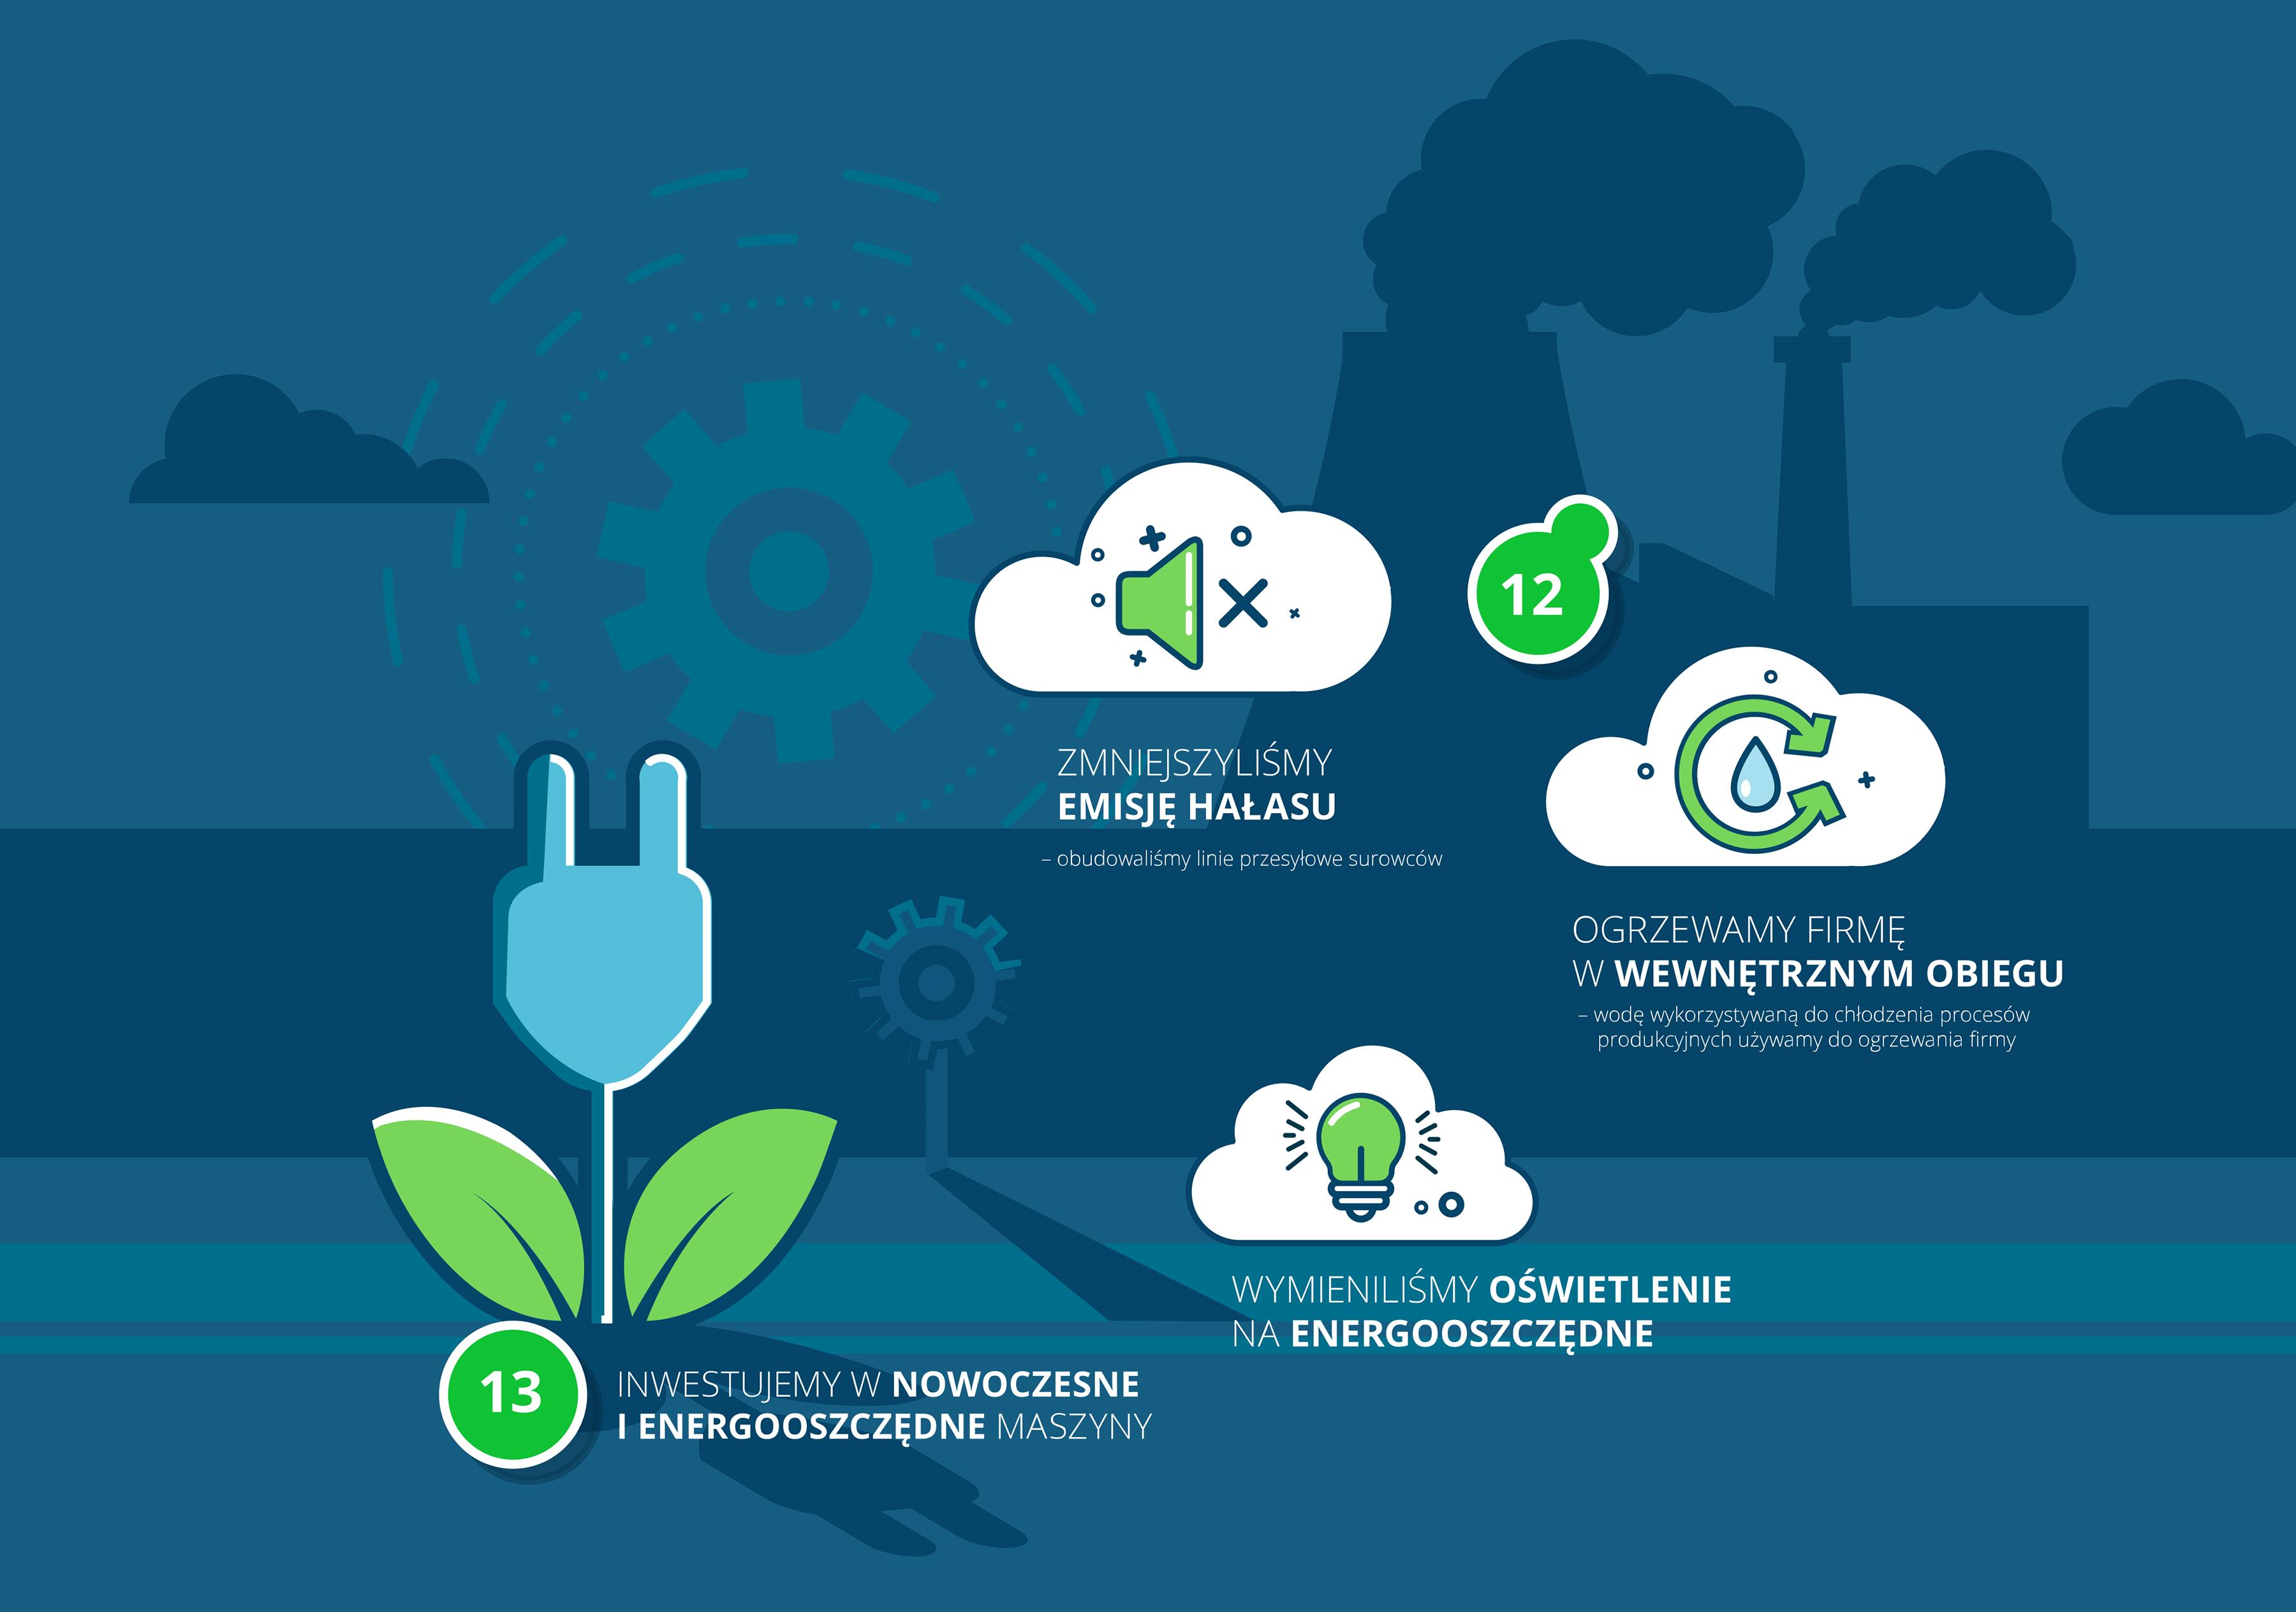 Zrównoważony rozwój 7